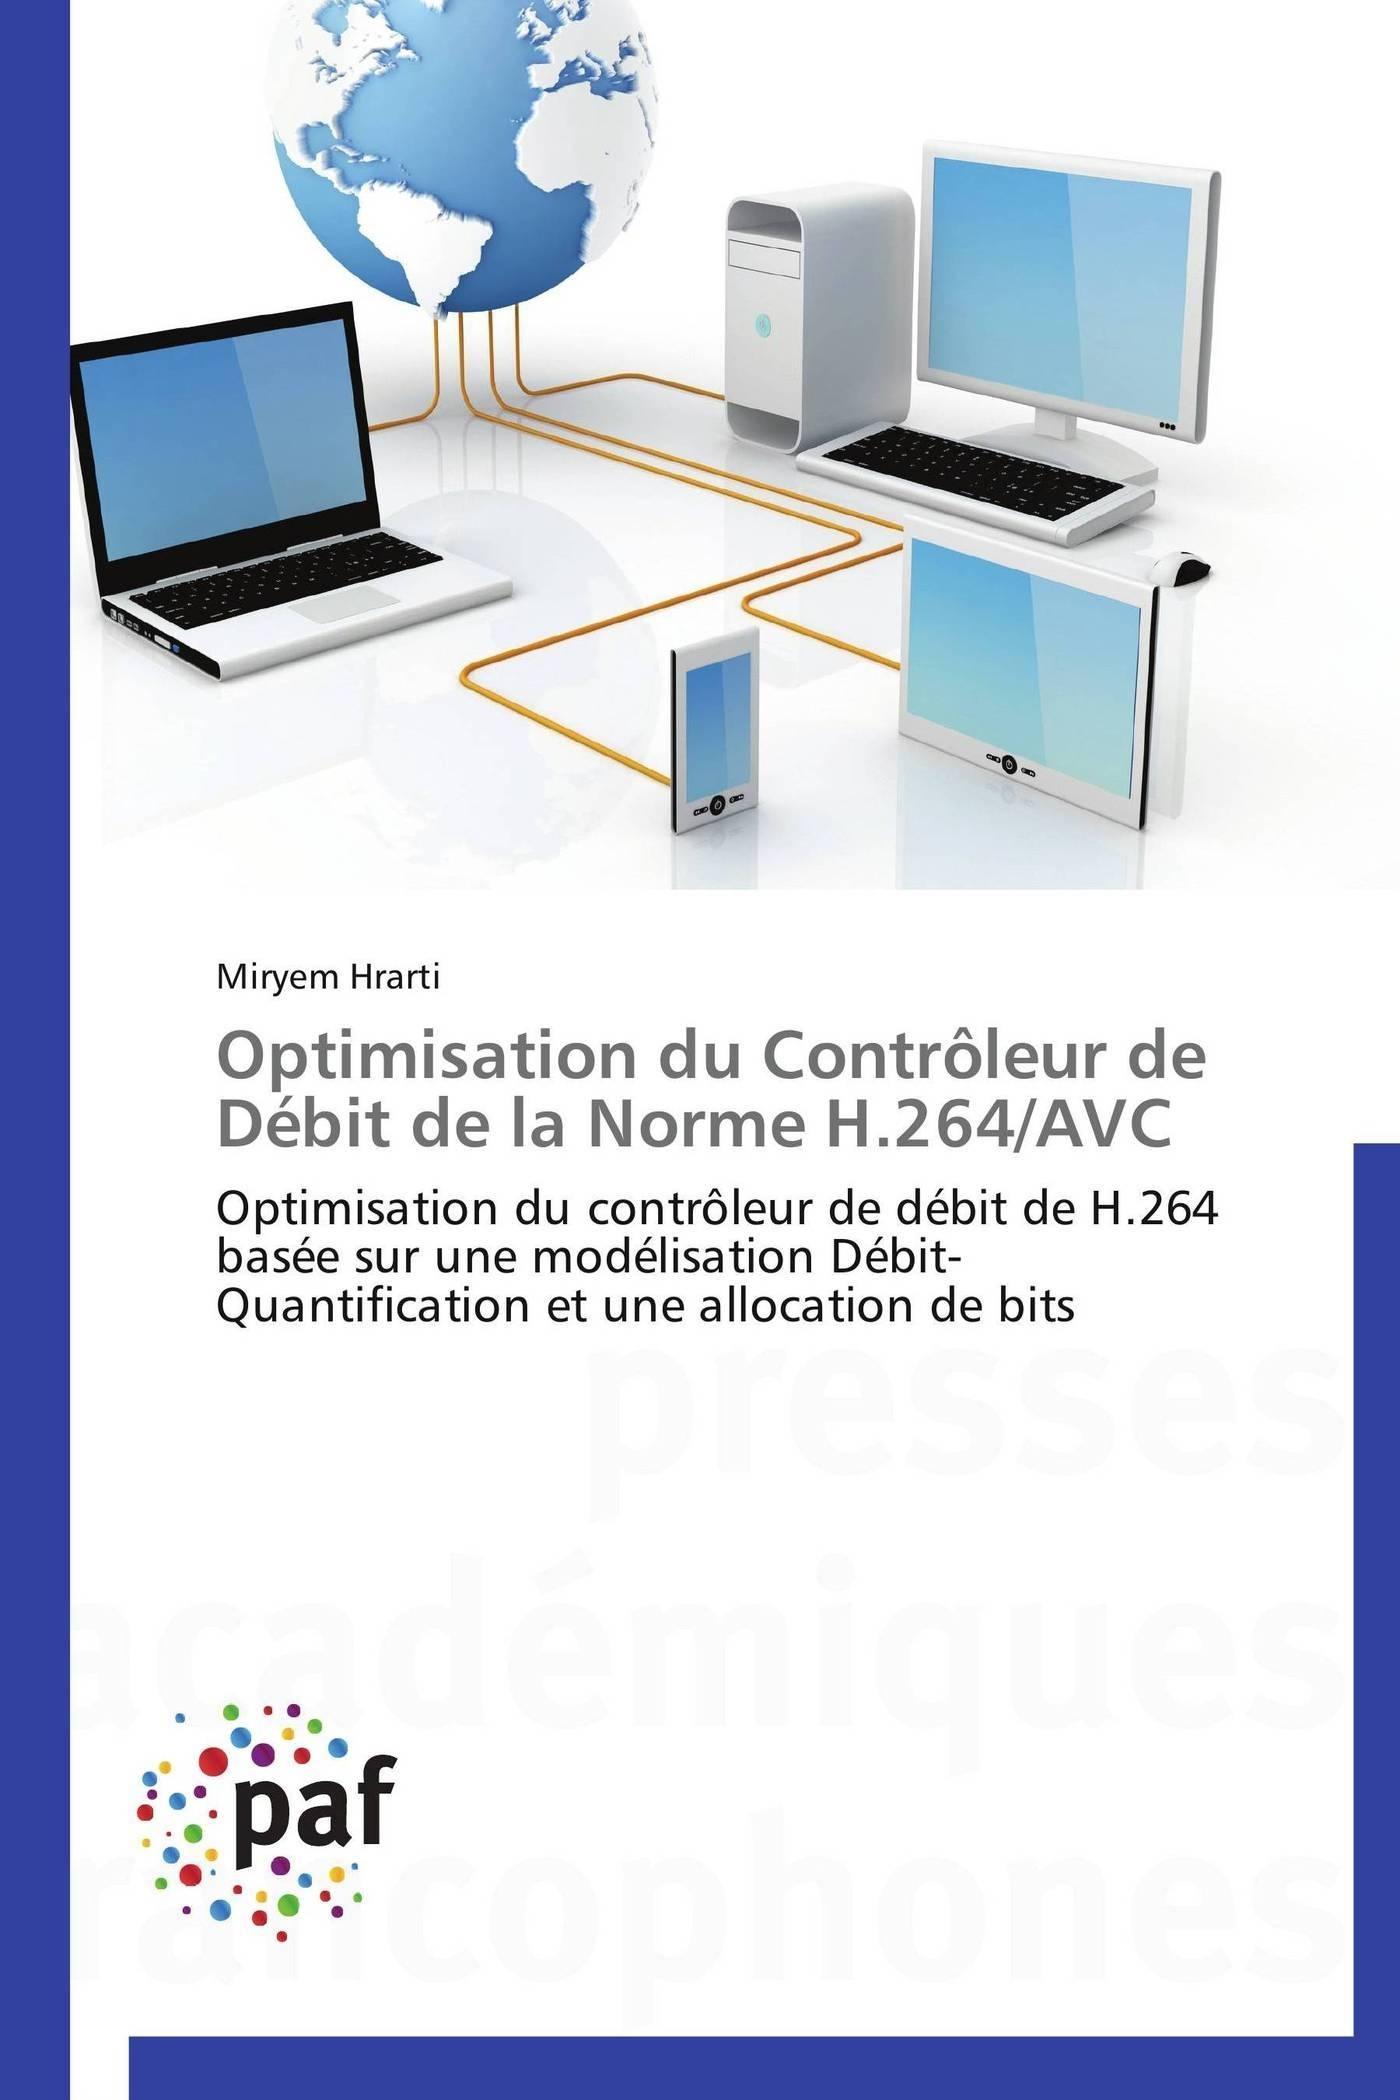 OPTIMISATION DU CONTROLEUR DE DEBIT DE LA NORME H.264/AVC